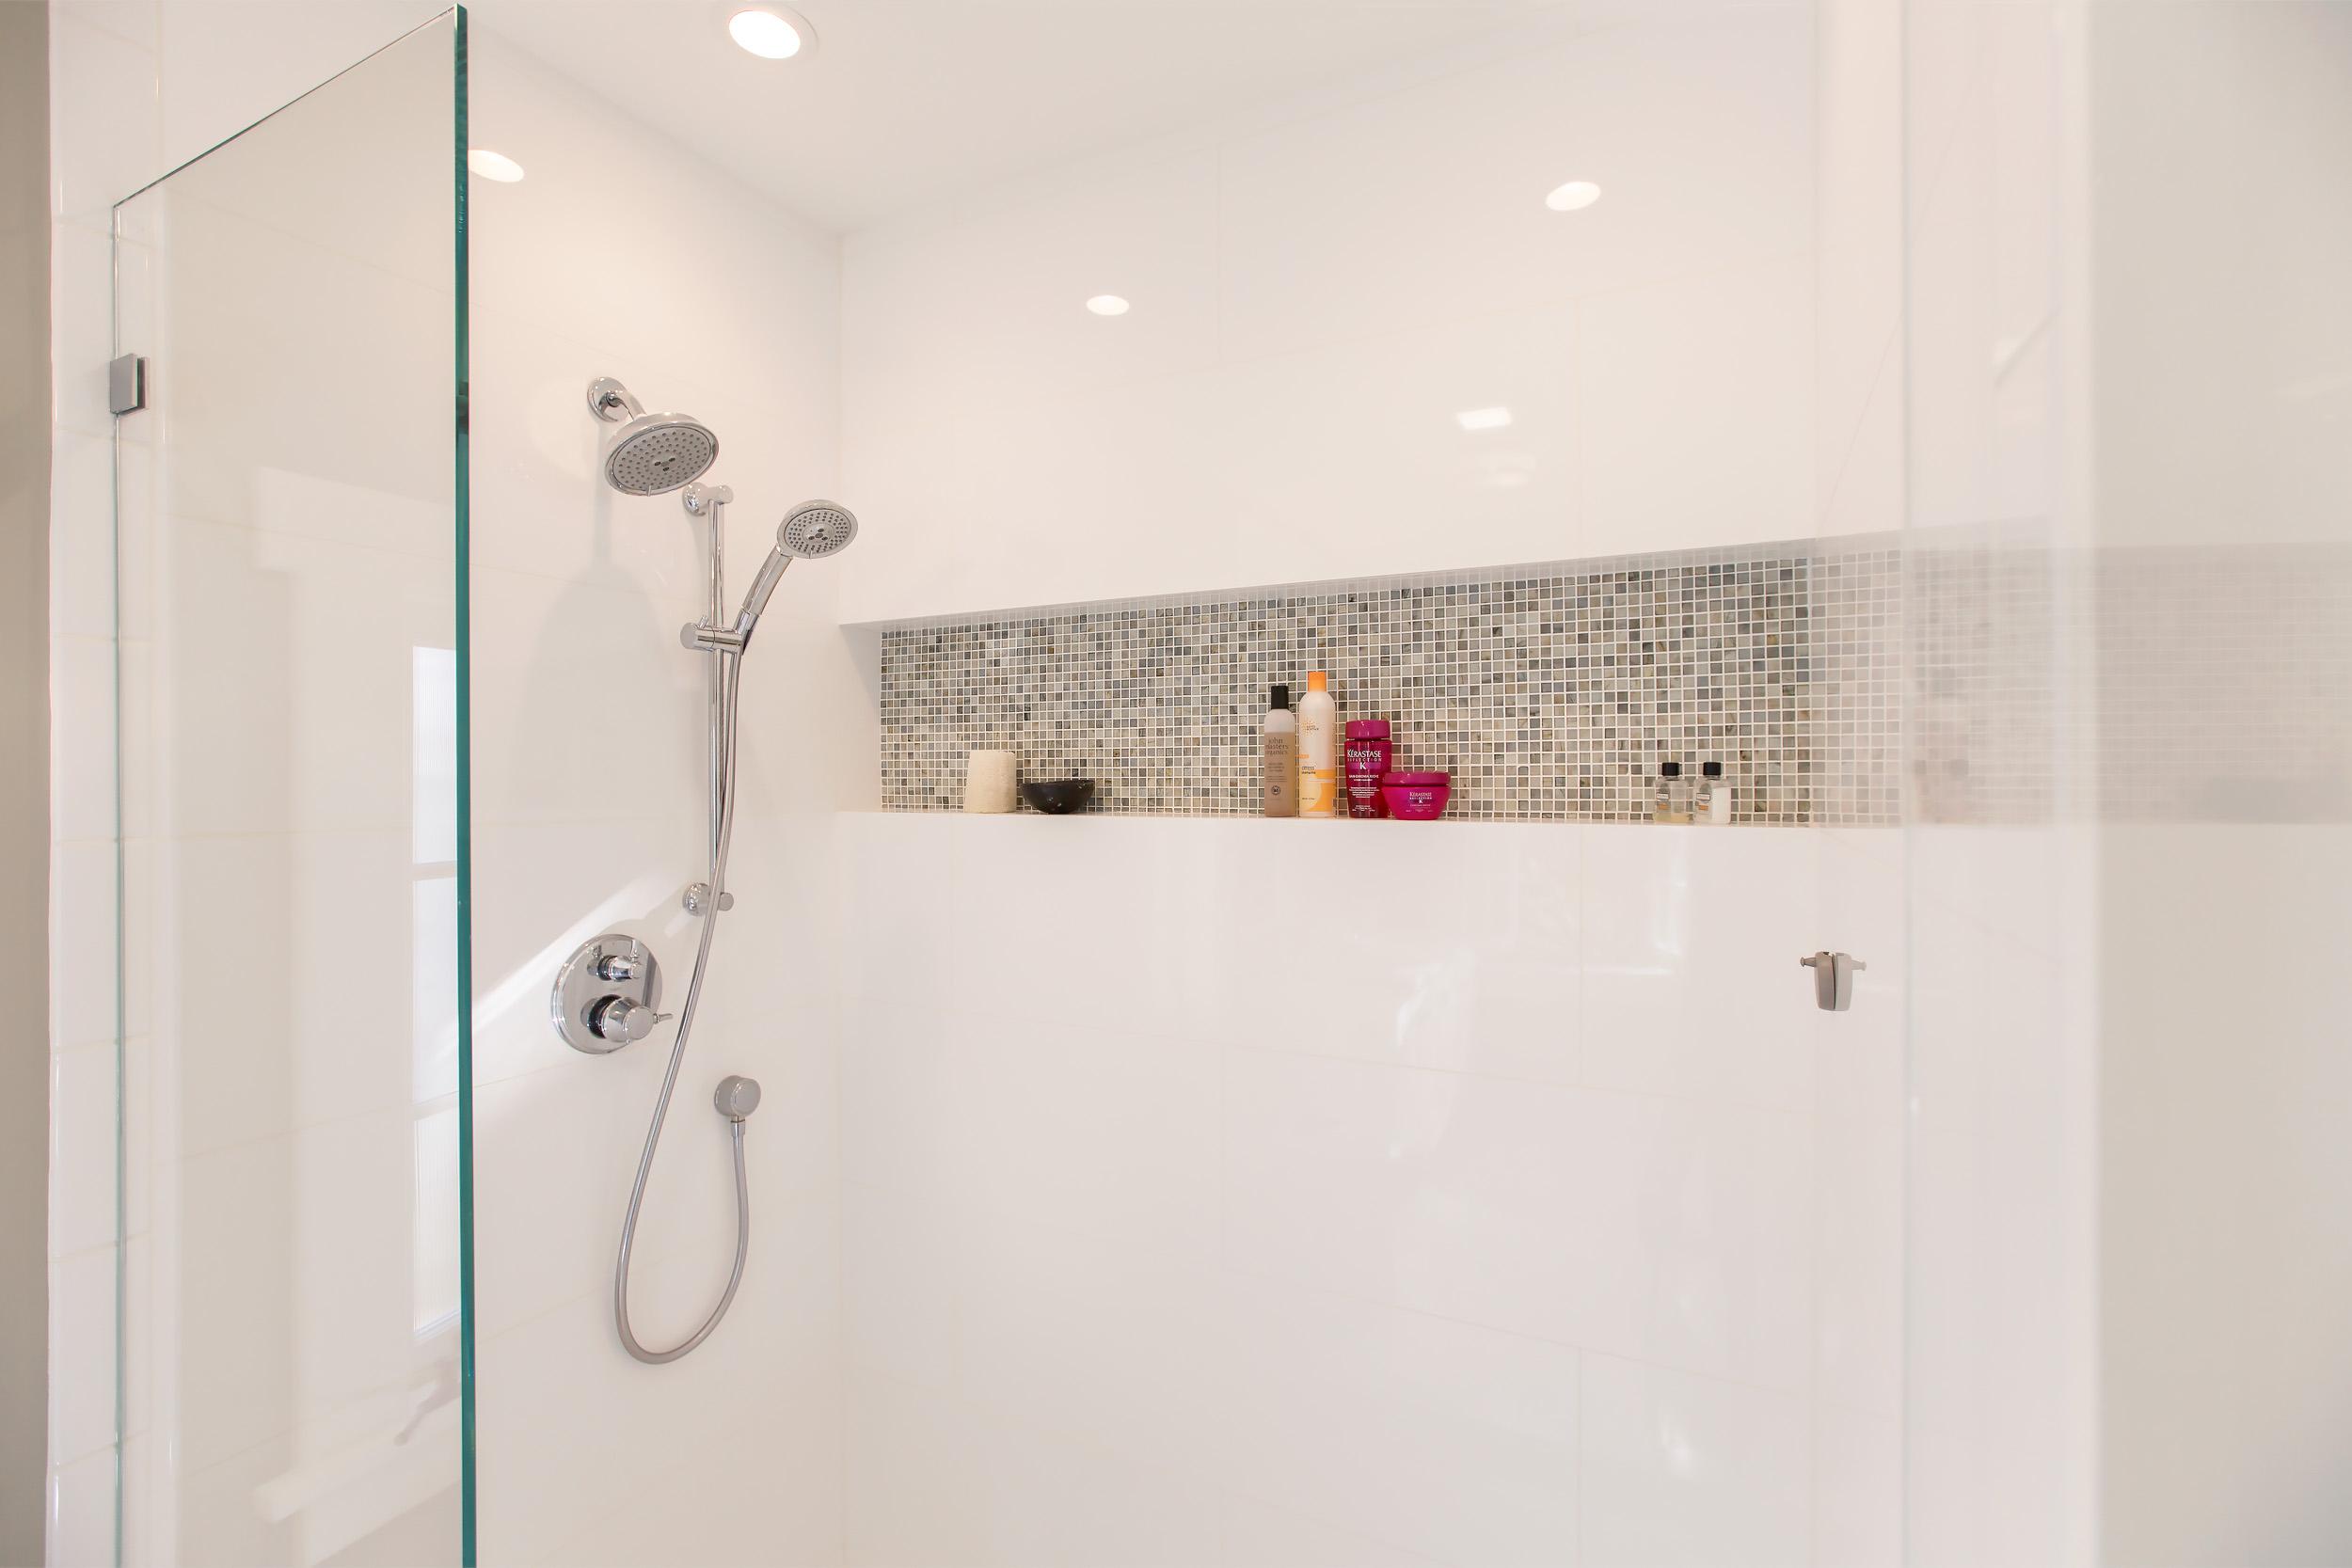 william-adams-design-cole-valley-white-bathroom-walk-in-shower-detail.jpg